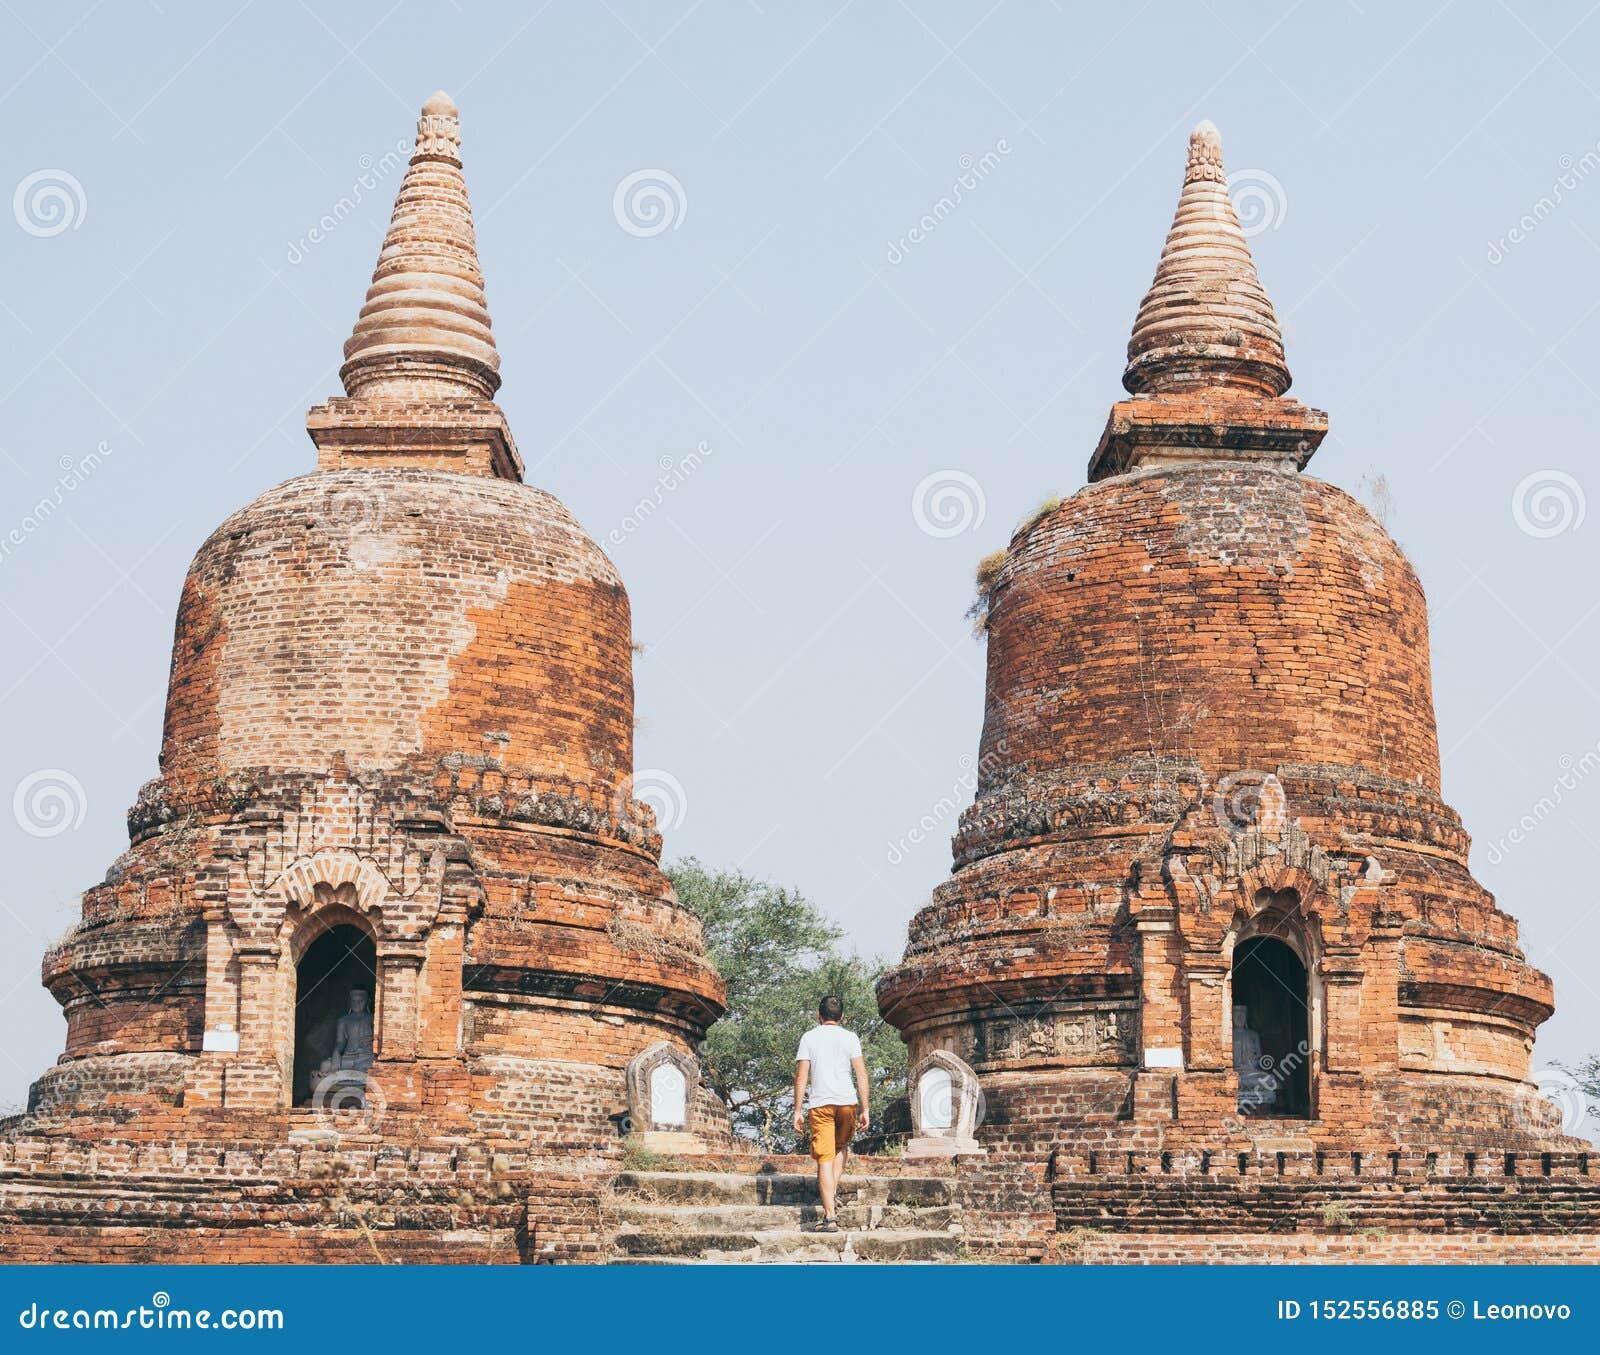 Uomo che registra le rovine di vecchio tempio in Bagan, Myanmar